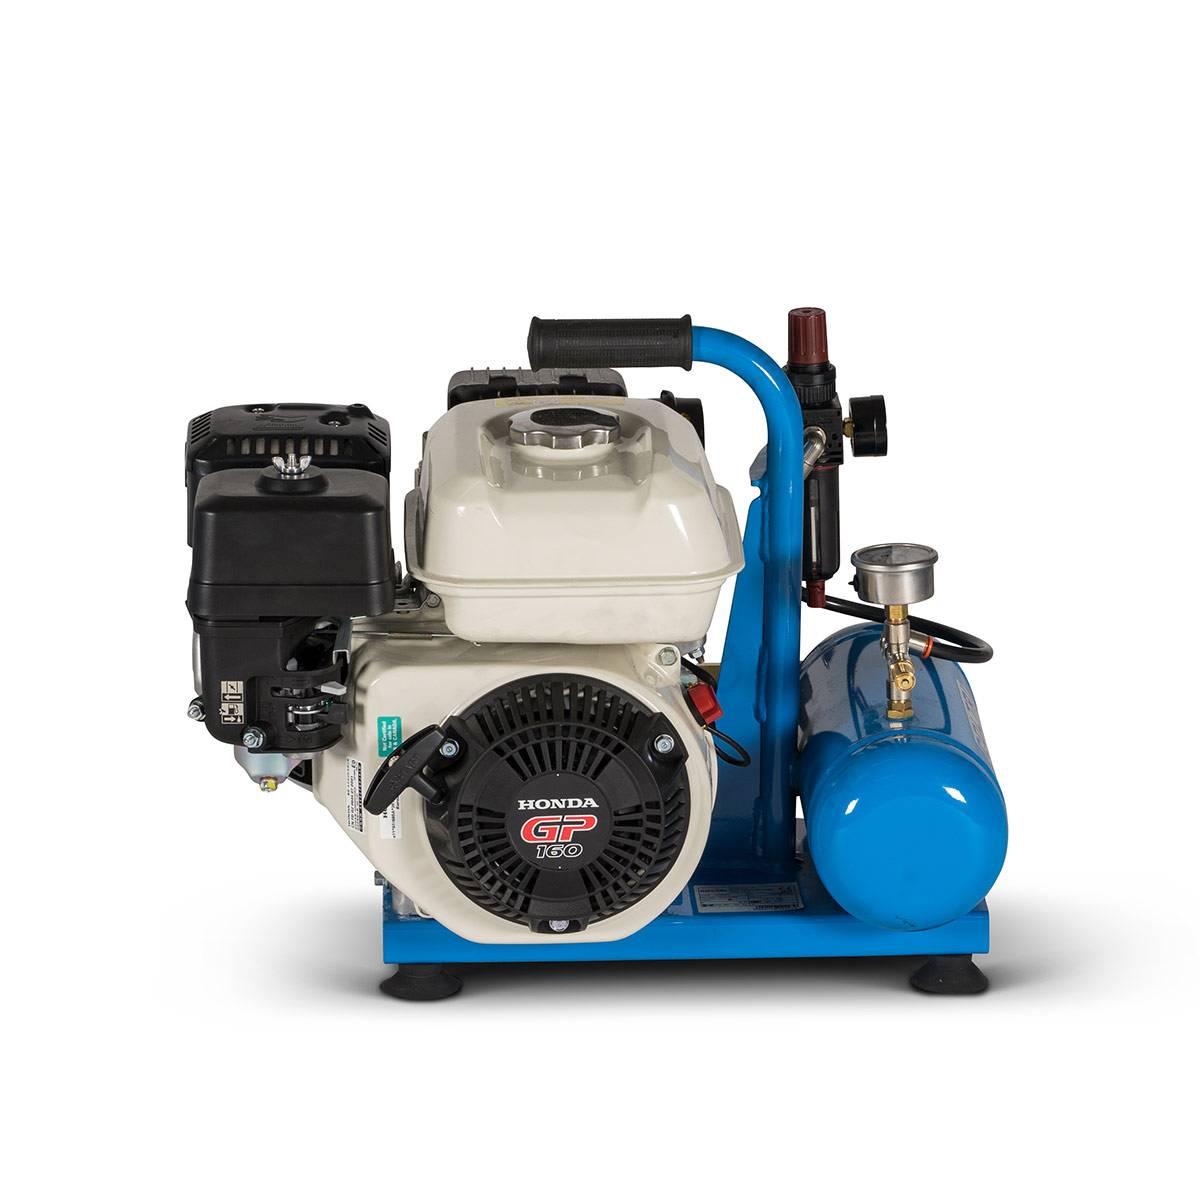 Бензинов водолазен компресор тип Наргеле NETTUNO THIRD LUNG COMPRESSOR 10 бара – Coltri